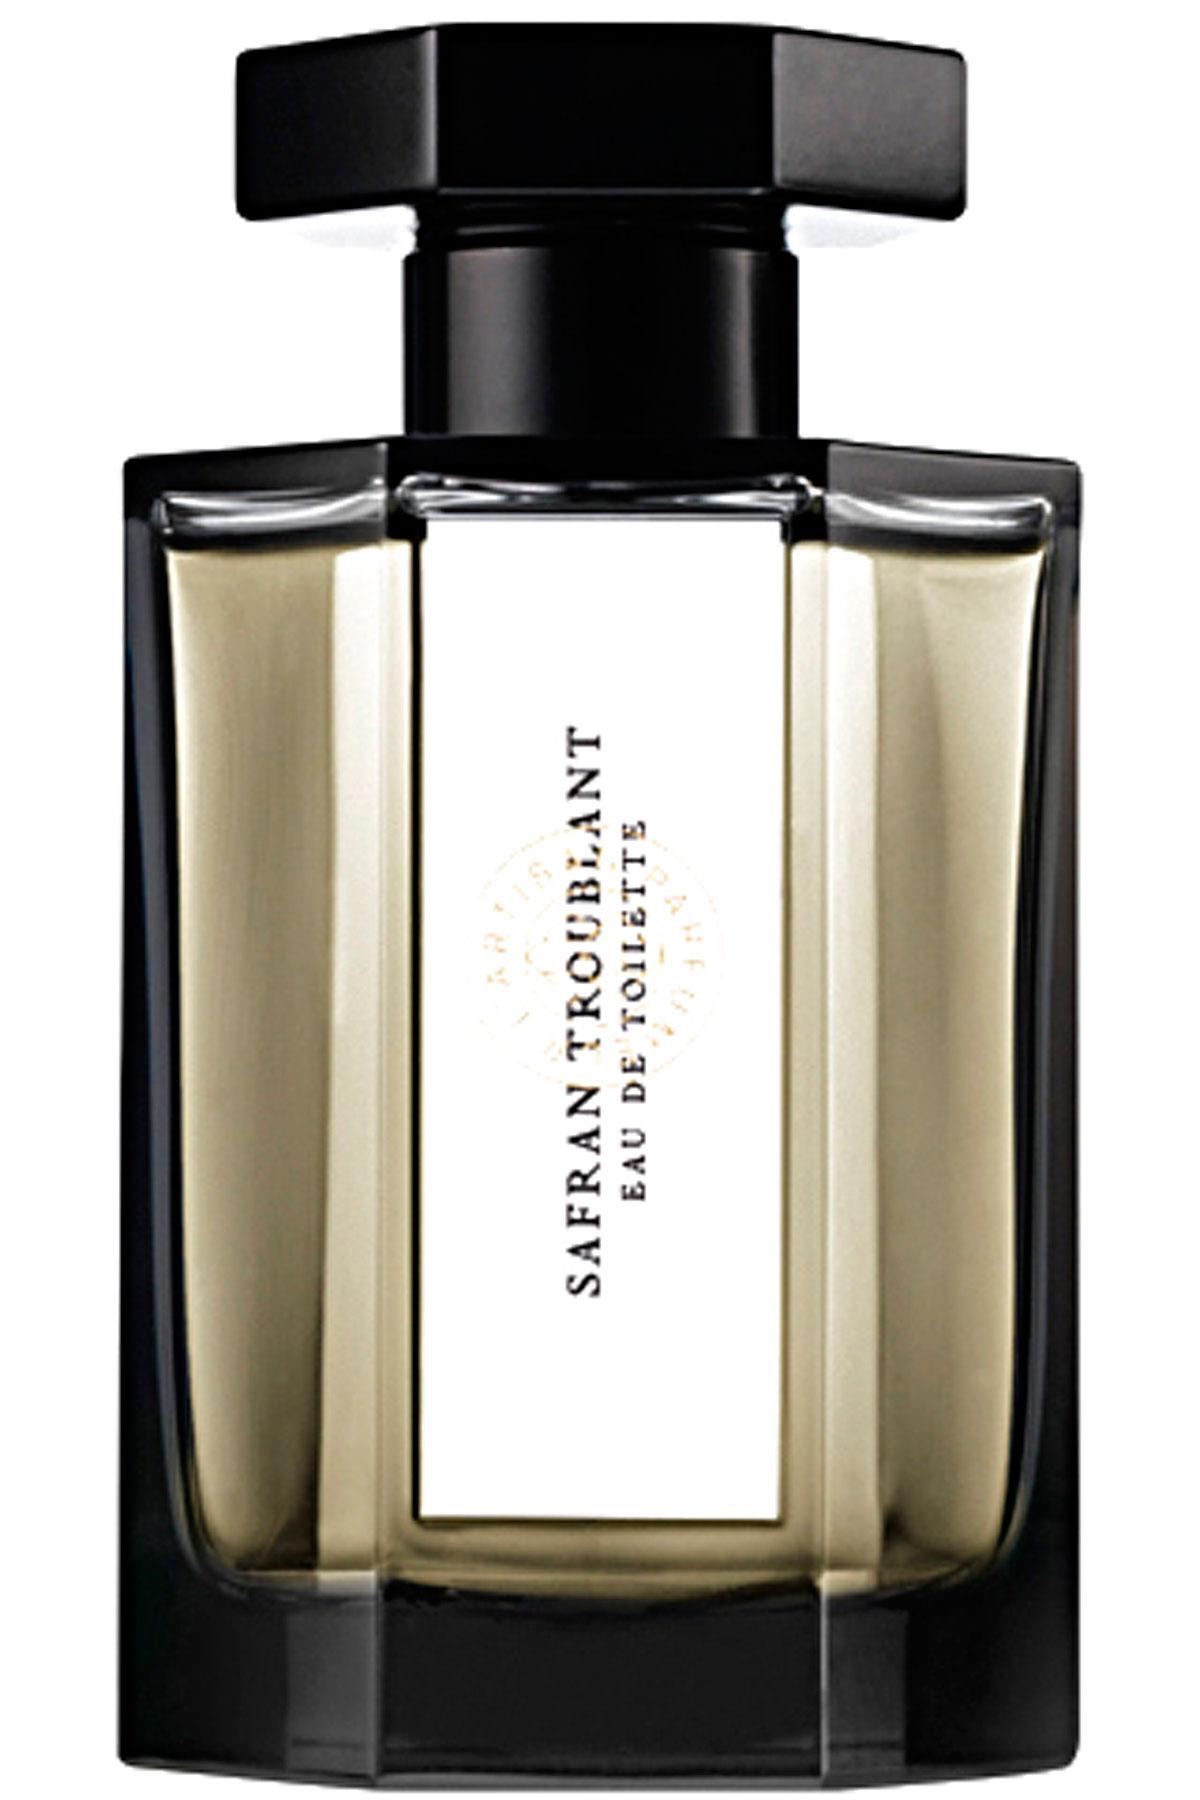 Artisan Parfumeur Fragrances for Women, Safran Troublant - Eau De Toilette - 100 Ml, 2019, 100 ml